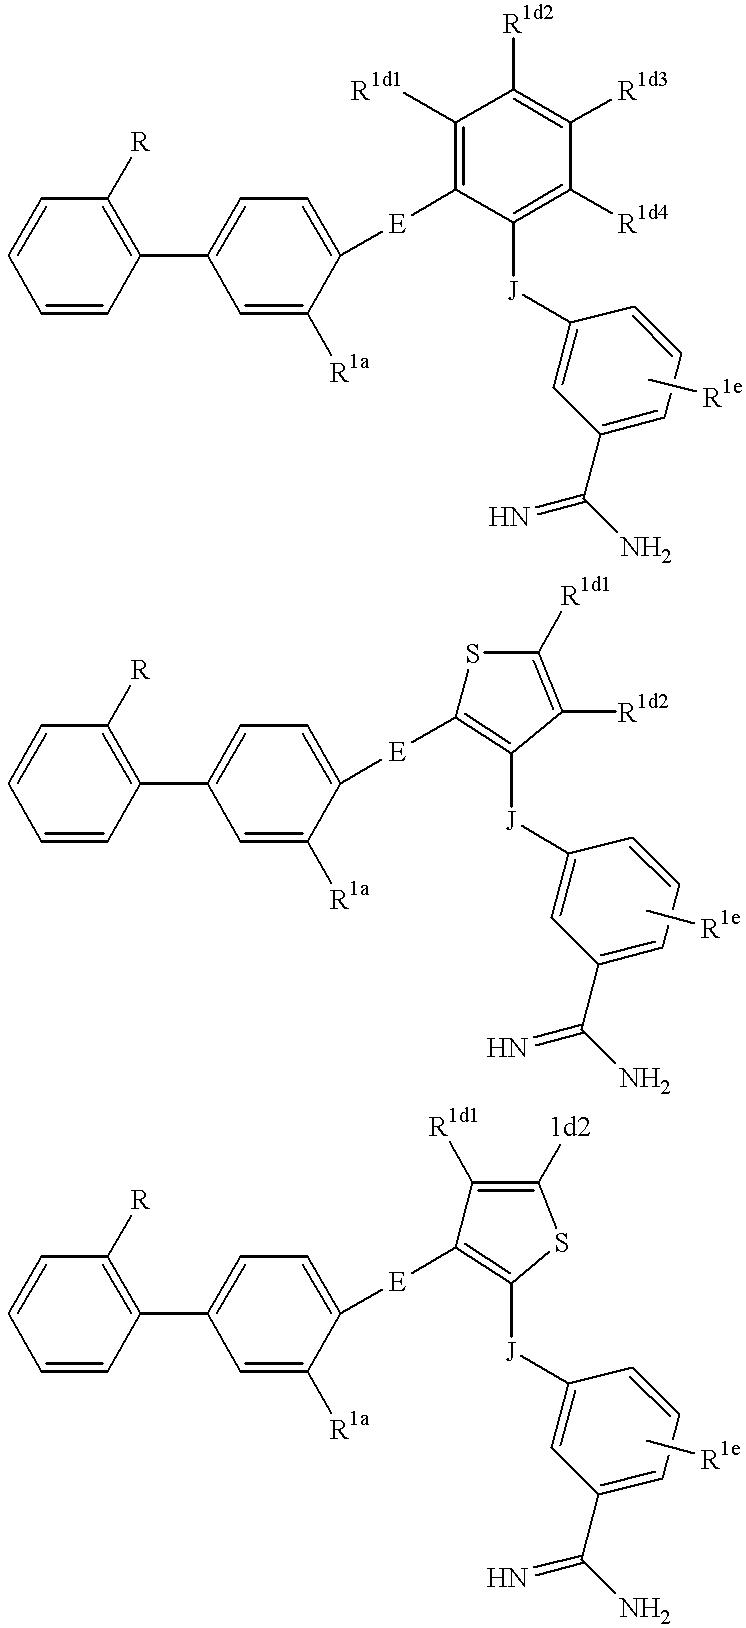 Figure US06376515-20020423-C00035